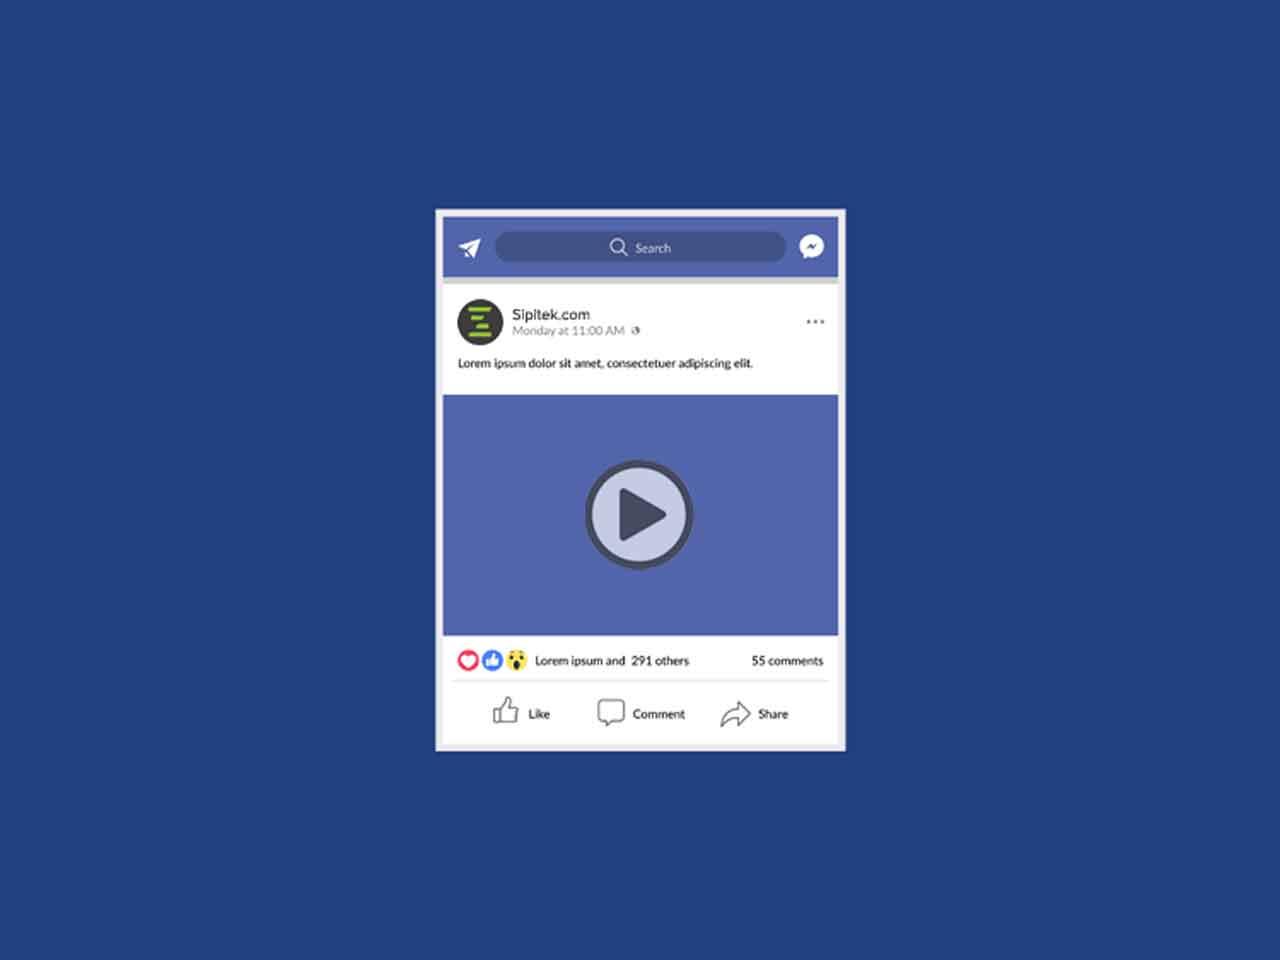 Cara Download Video di Facebook Lite Tanpa Aplikasi (2 Menit